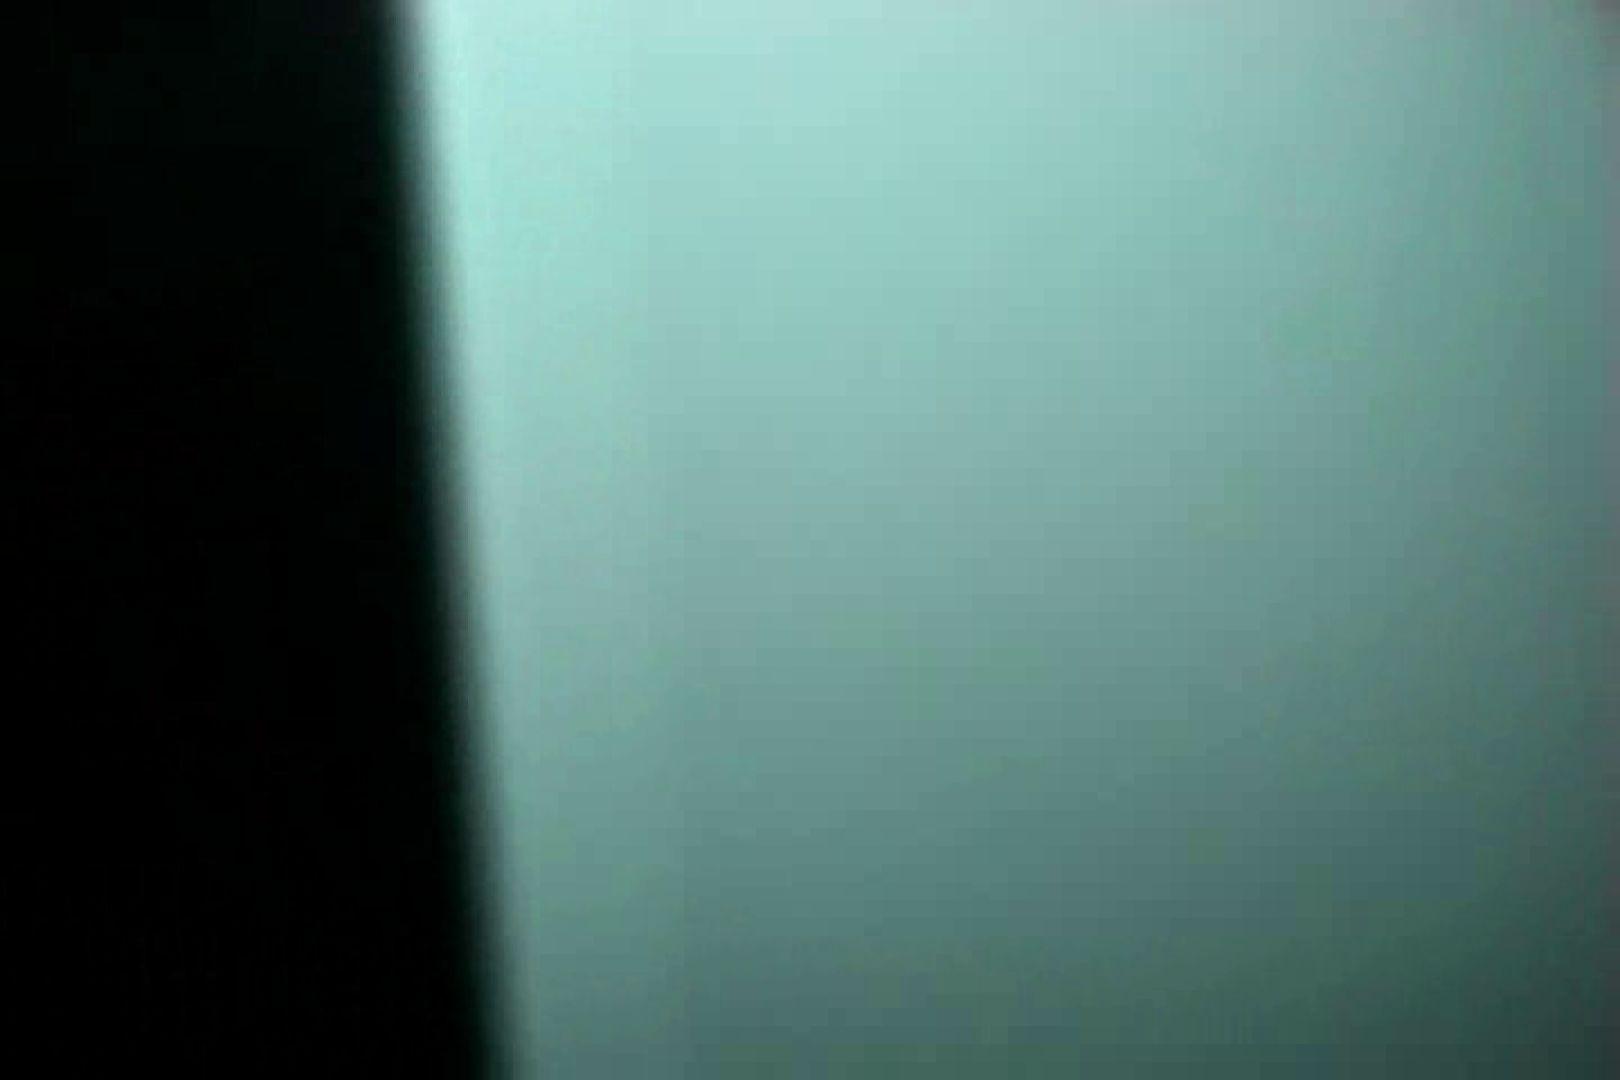 充血監督の深夜の運動会Vol.138 クンニ われめAV動画紹介 84PIX 35